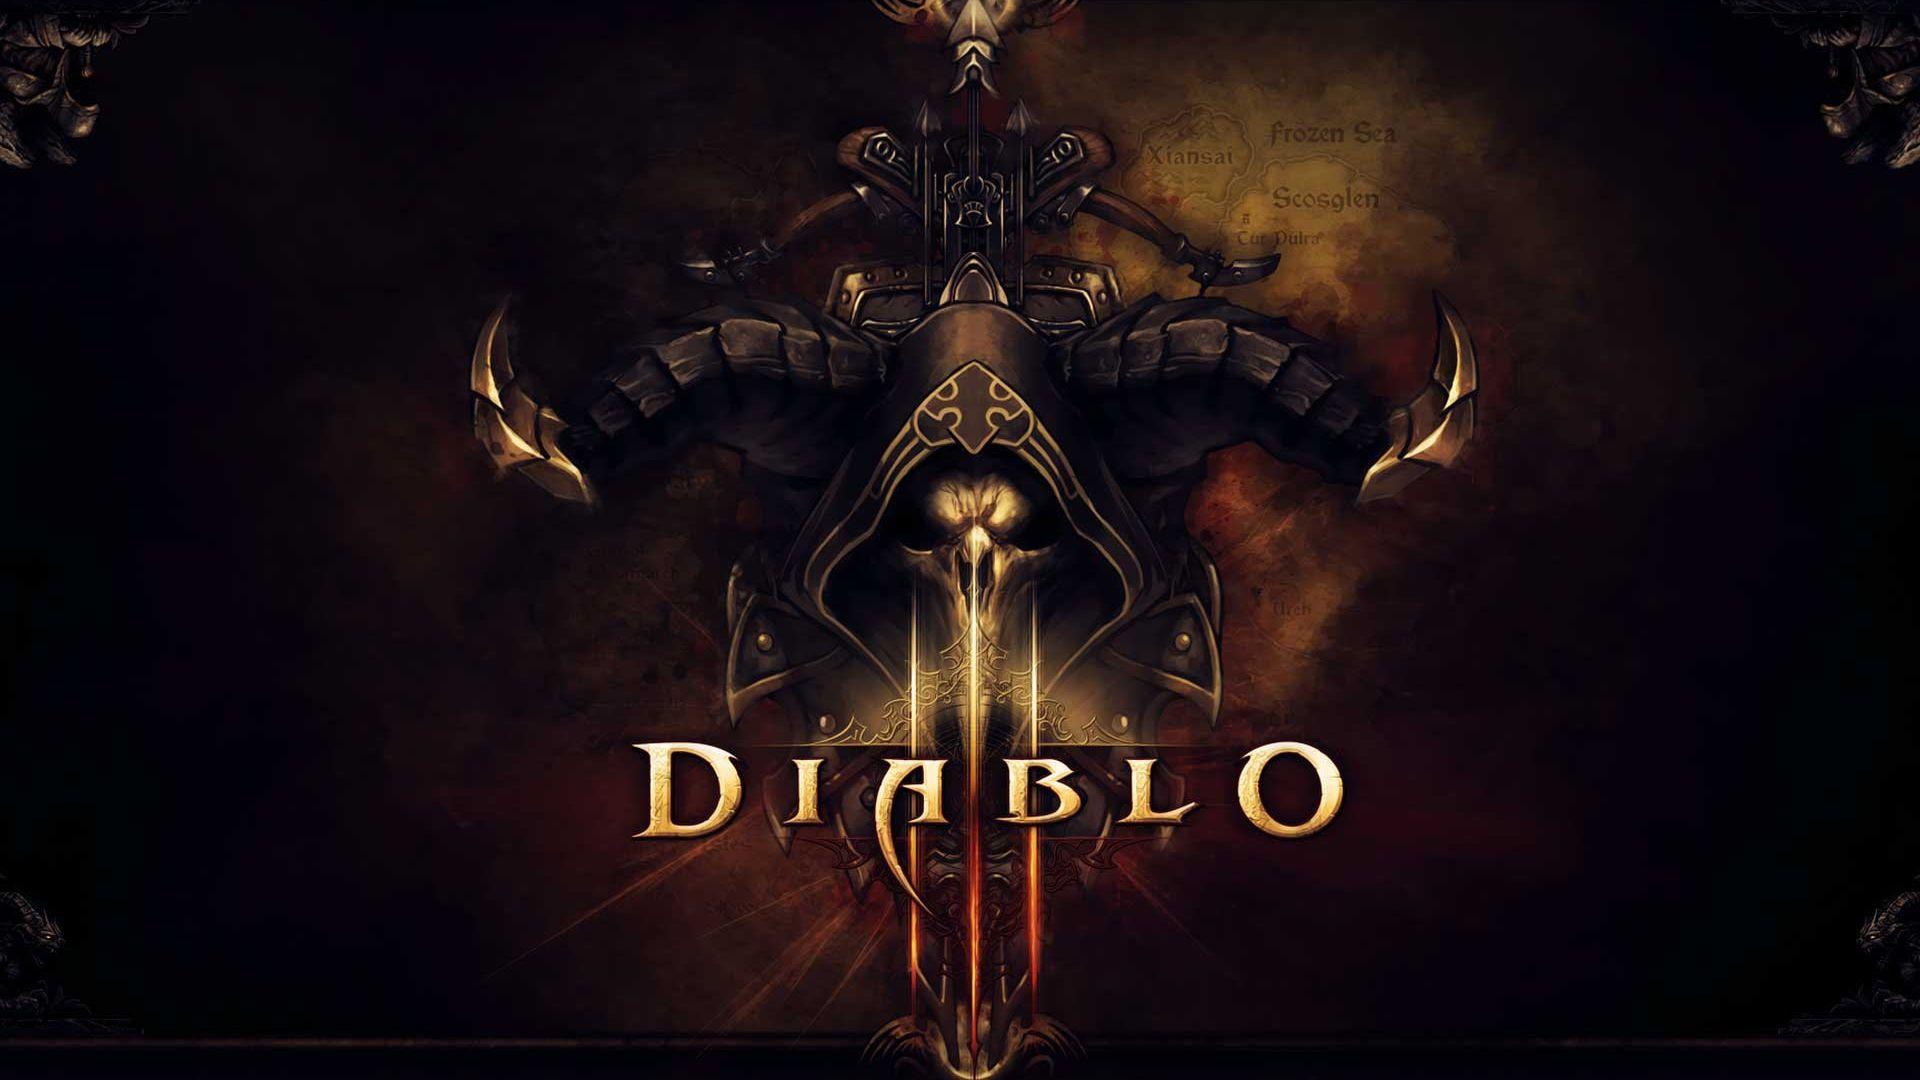 Diablo-3-Update.jpg